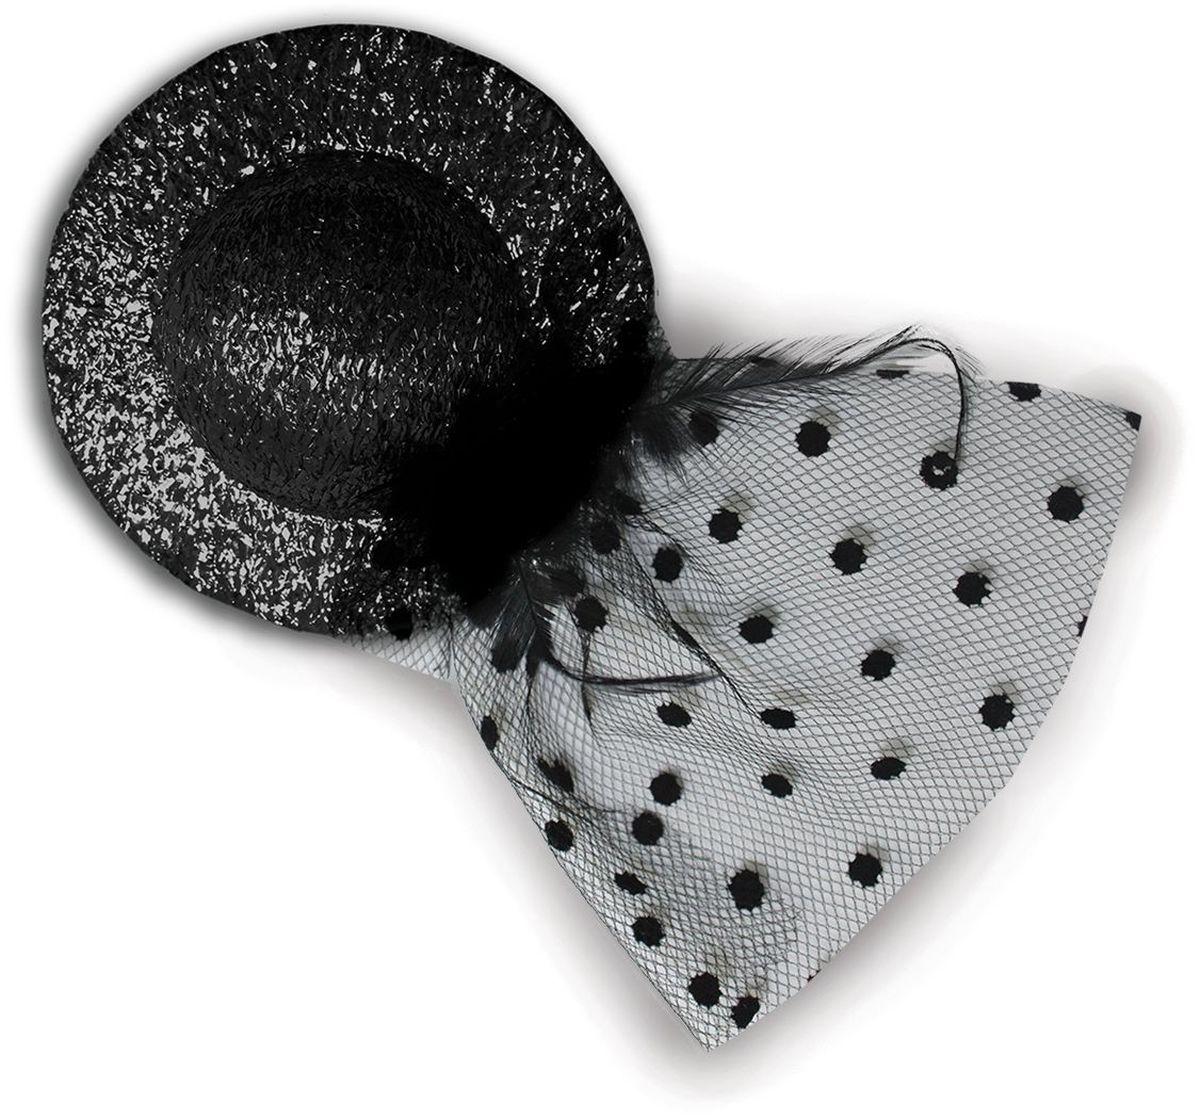 Partymania Мини-шляпка с вуалью 10 см T1227 цвет черная